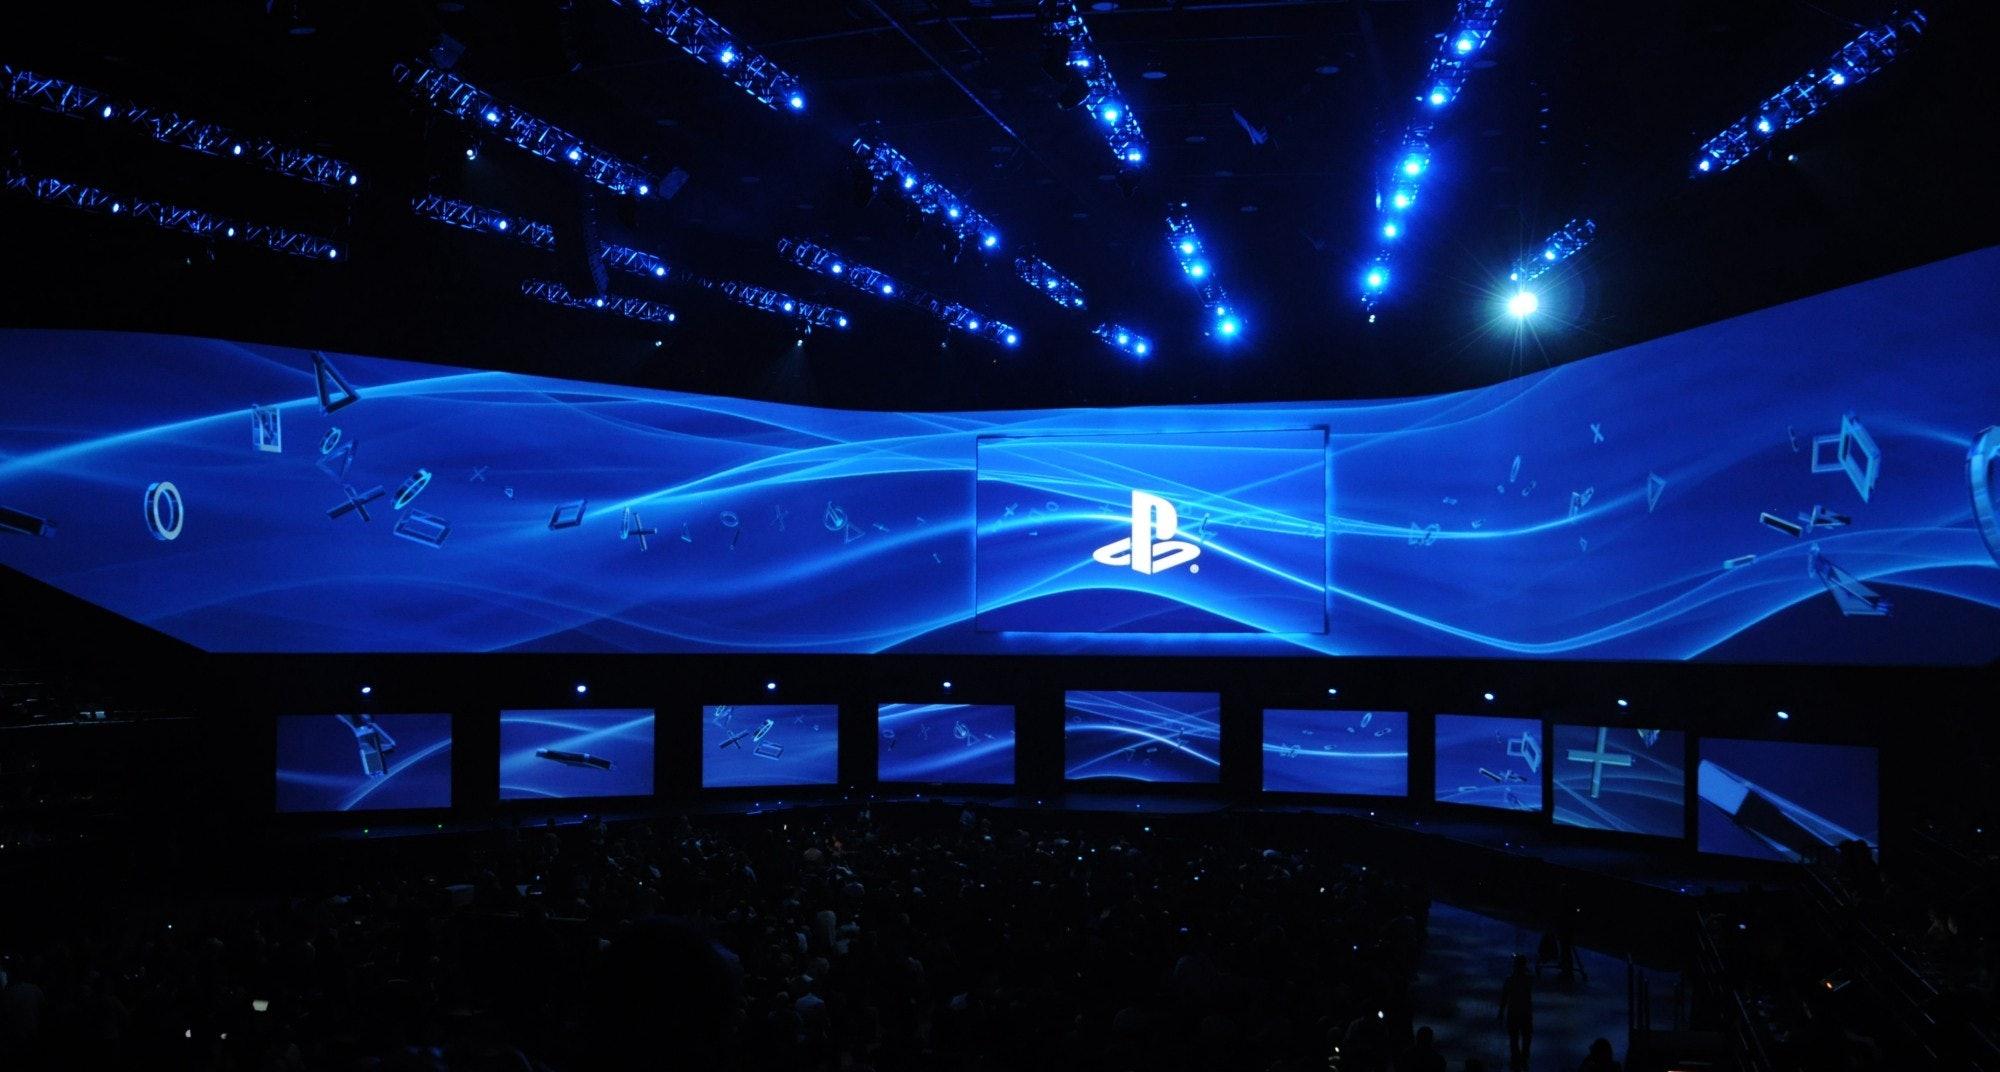 業界分析師表示SONY缺席2019 E3游戲展是「愚蠢」的